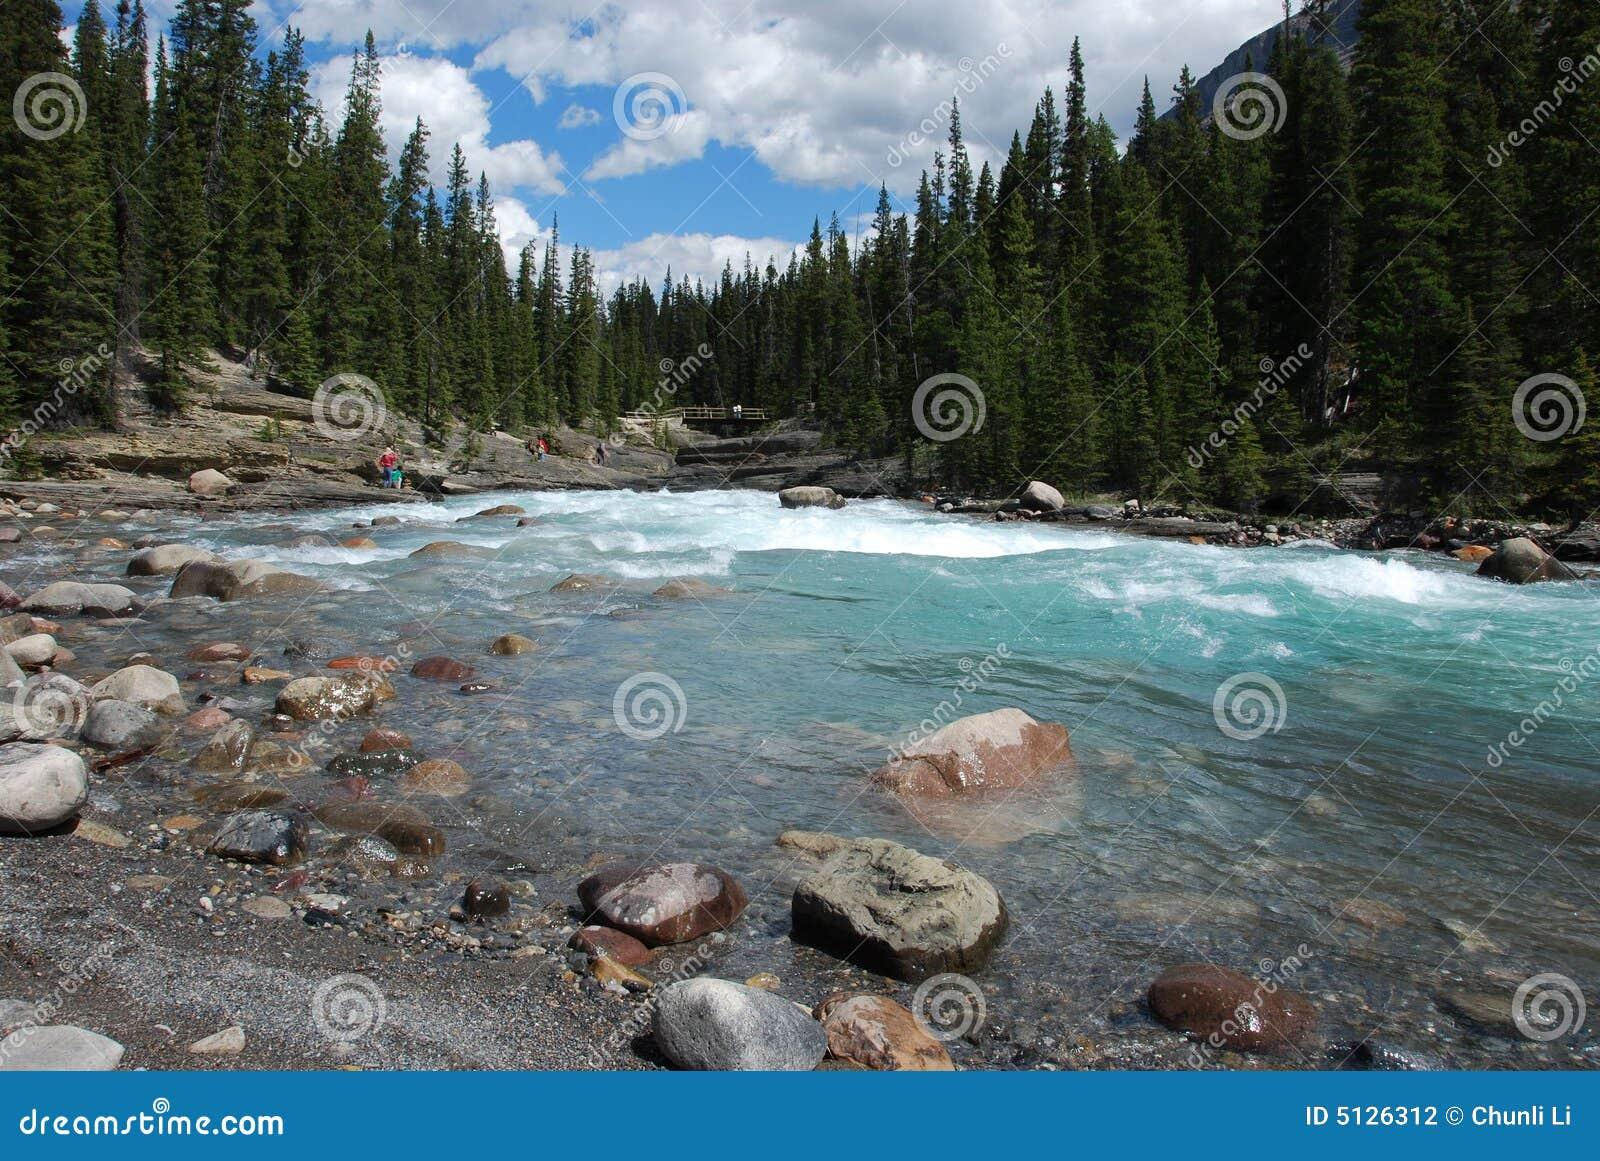 Berg und Flüsse